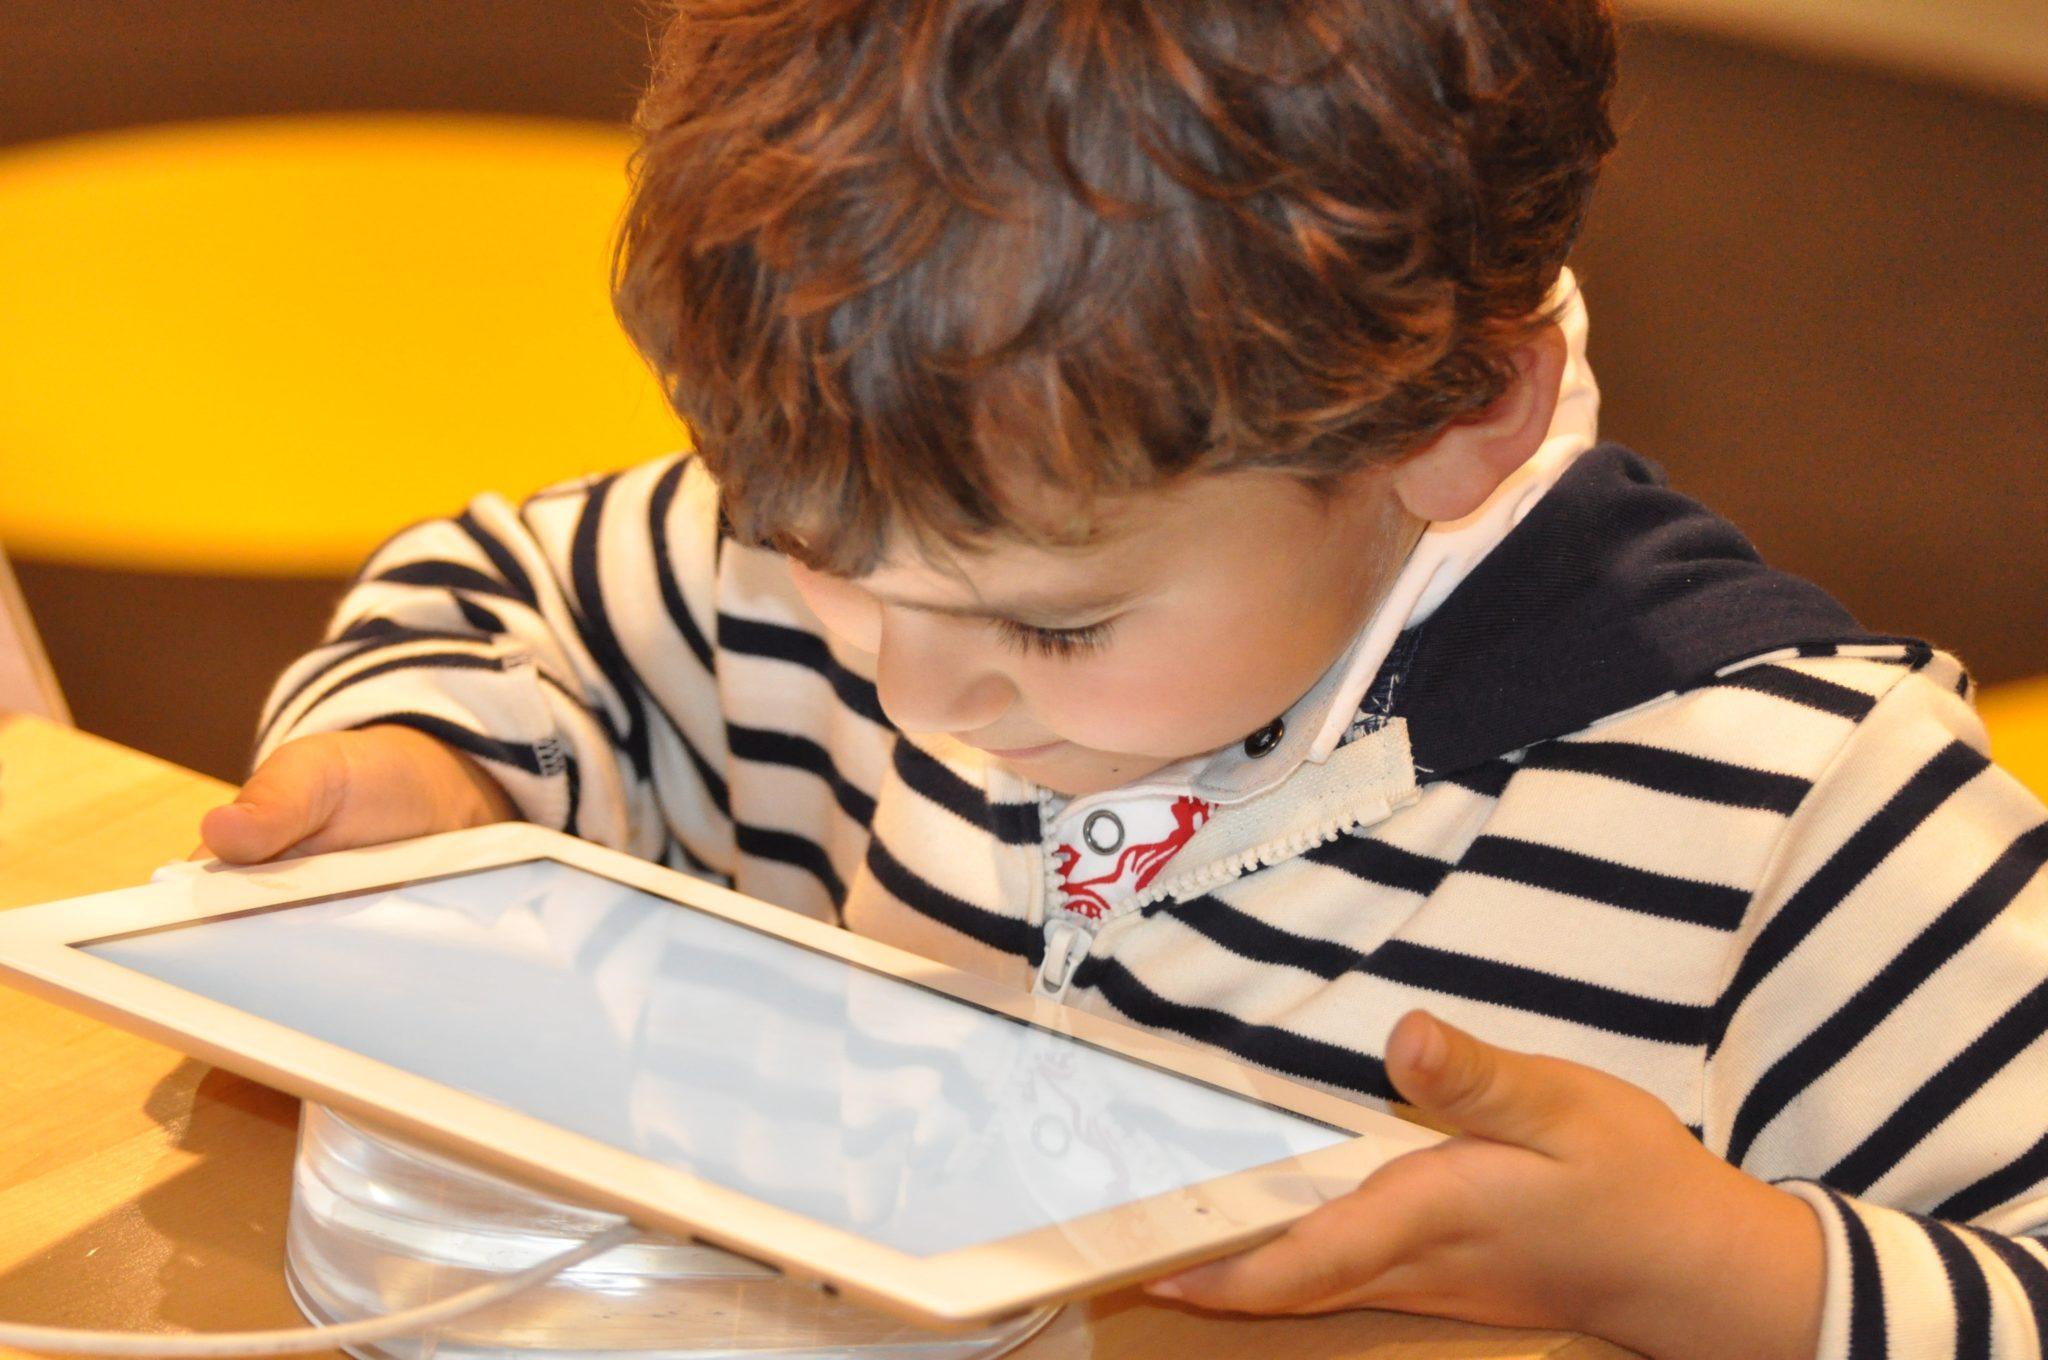 aspiring_child-computer-equipment-technology-257912